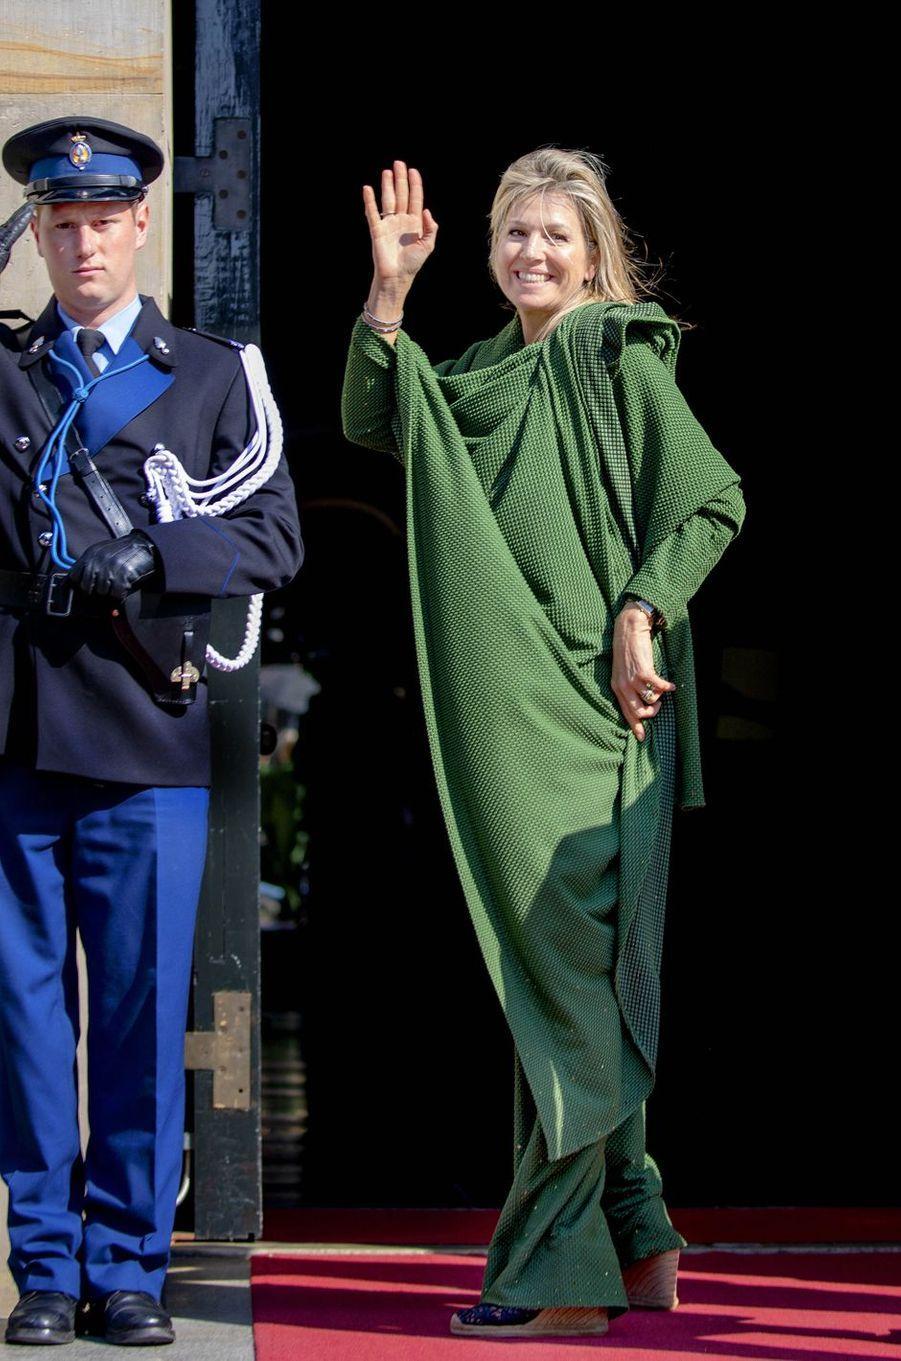 La reine Maxima des Pays-Bas arrive au Palais royal à Amsterdam, le 9 avril 2019